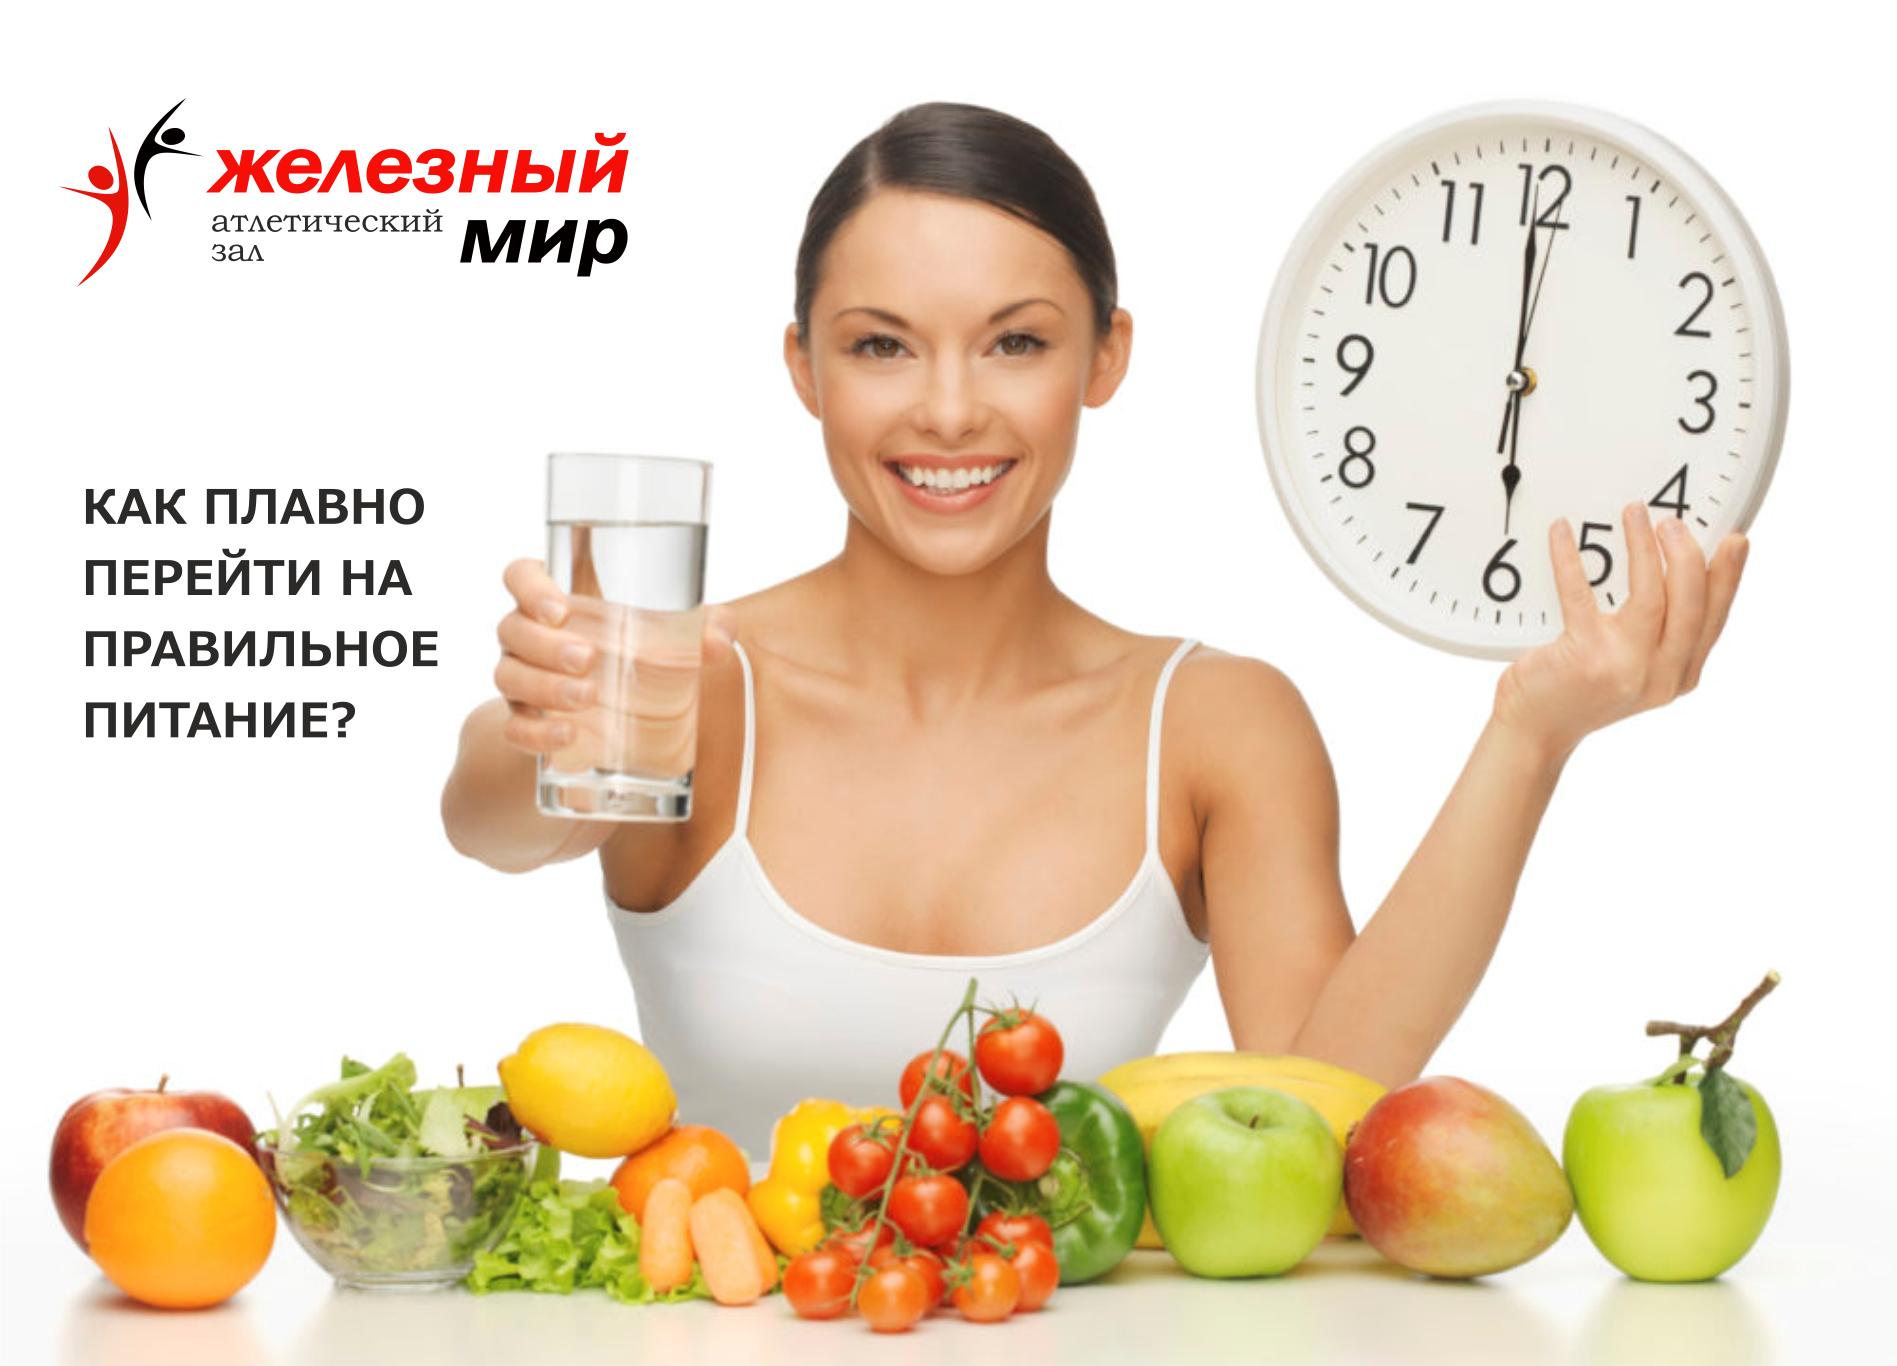 как перейти на правильное питание и худеть